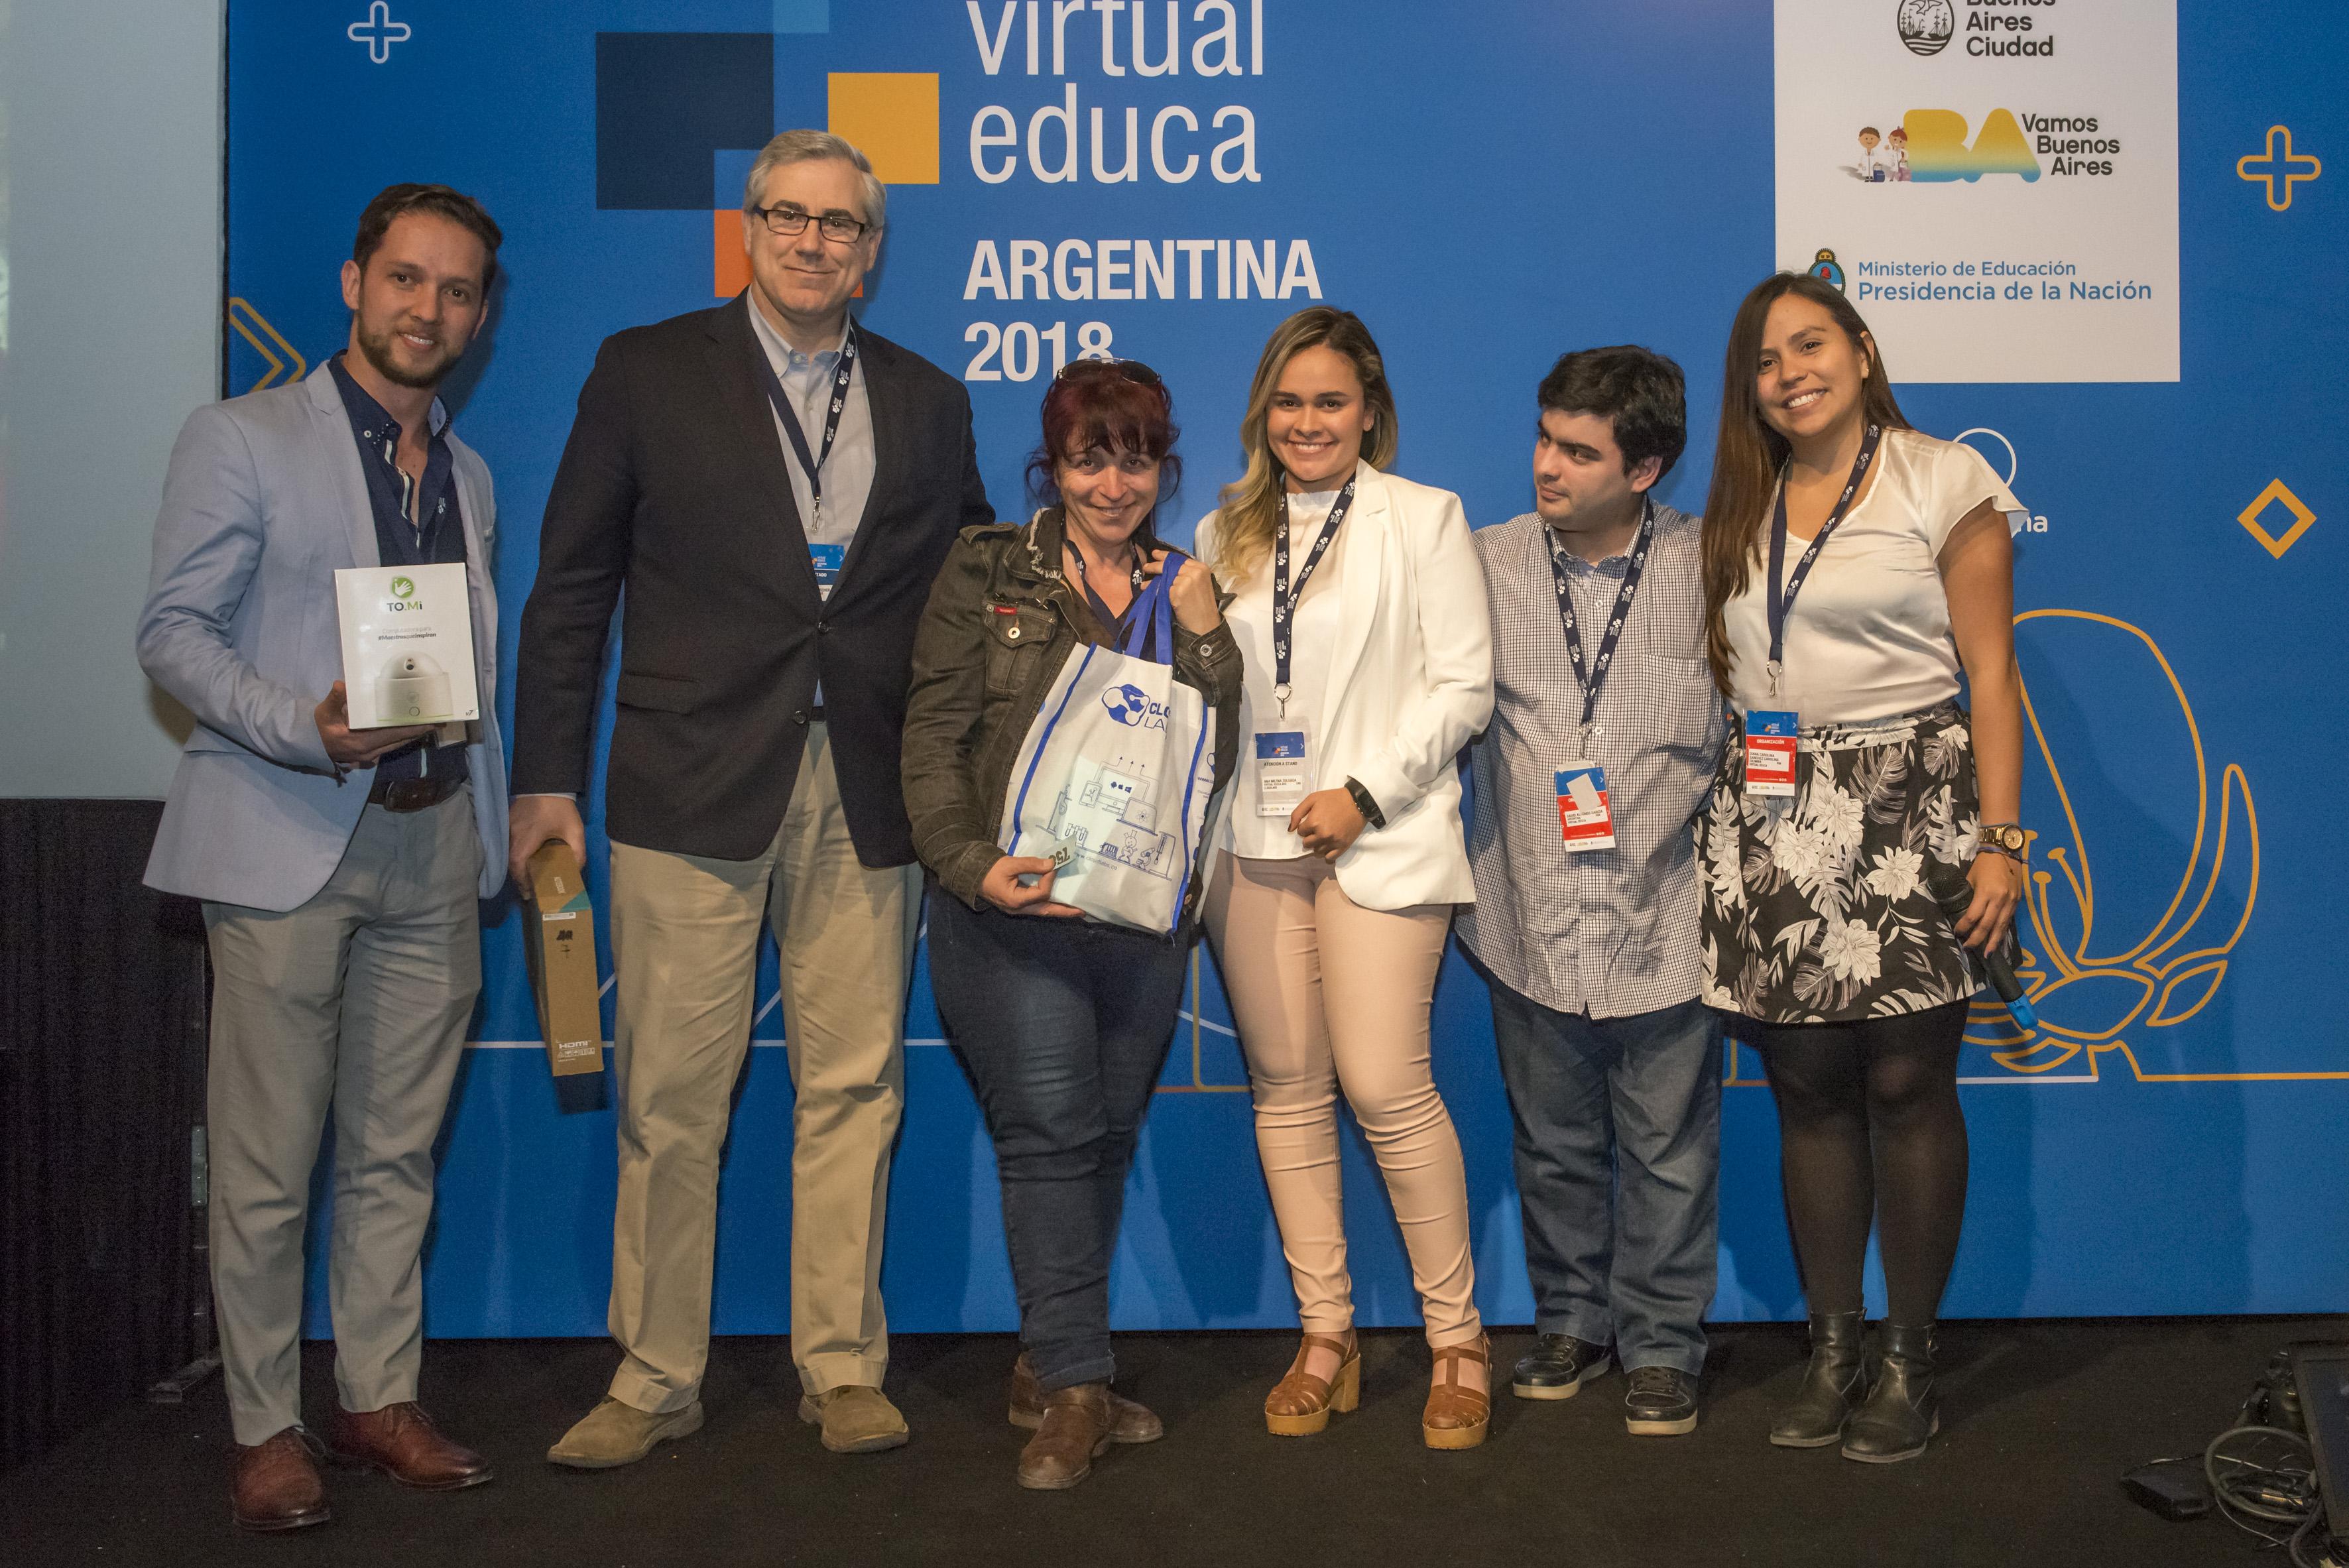 Celebración del Día del Maestro en Virtual Educa Argentina